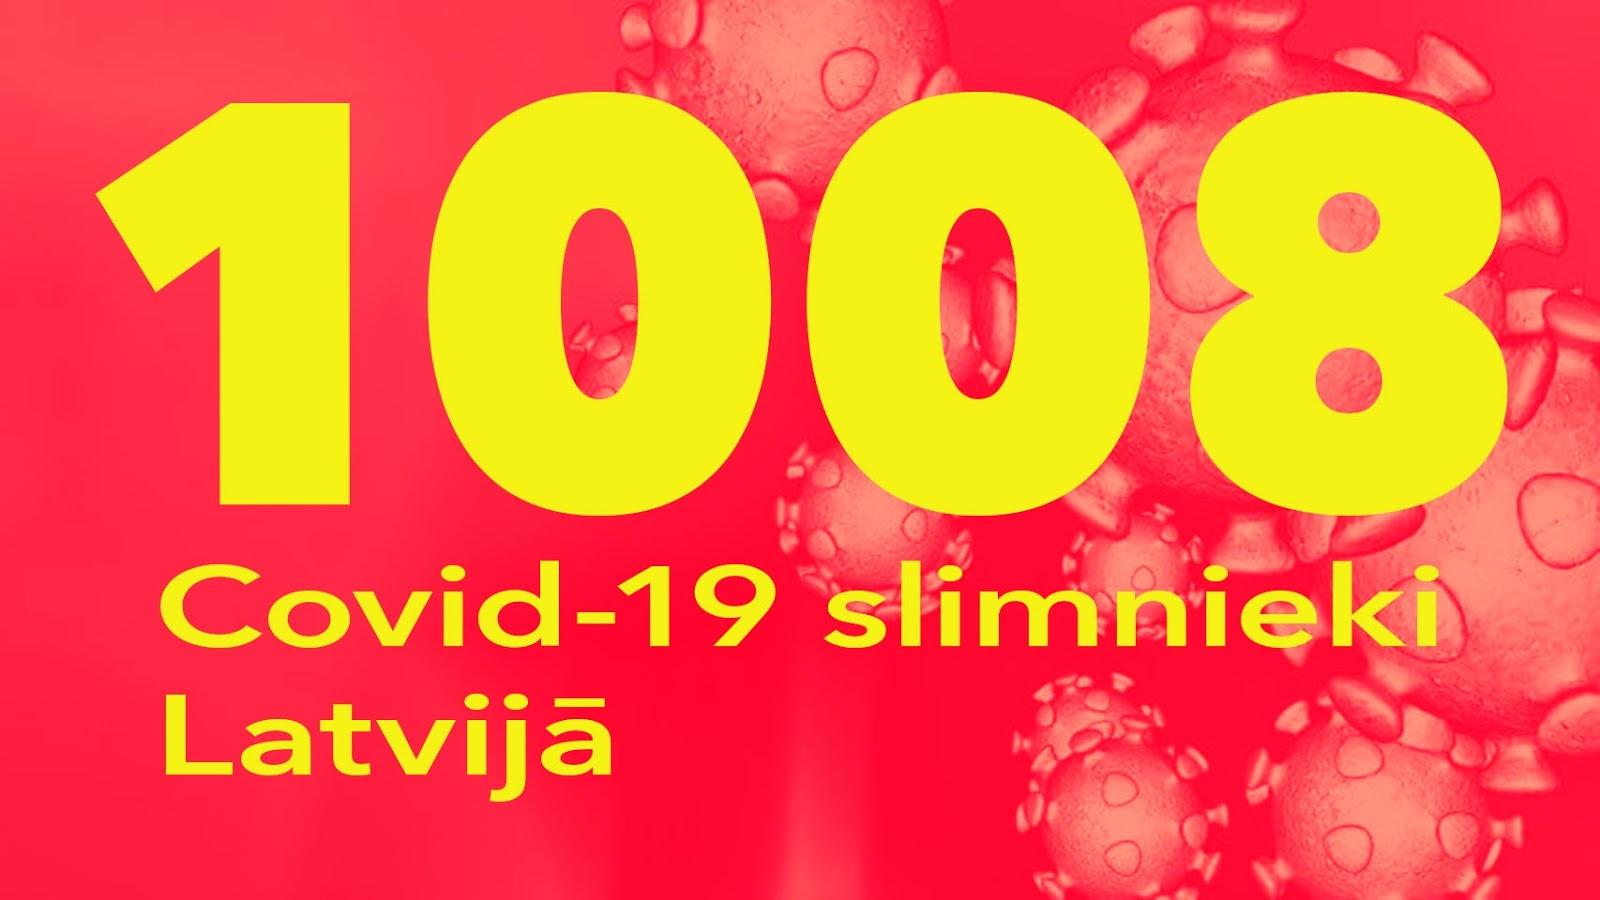 Koronavīrusa saslimušo skaits Latvijā 17.05.2020.